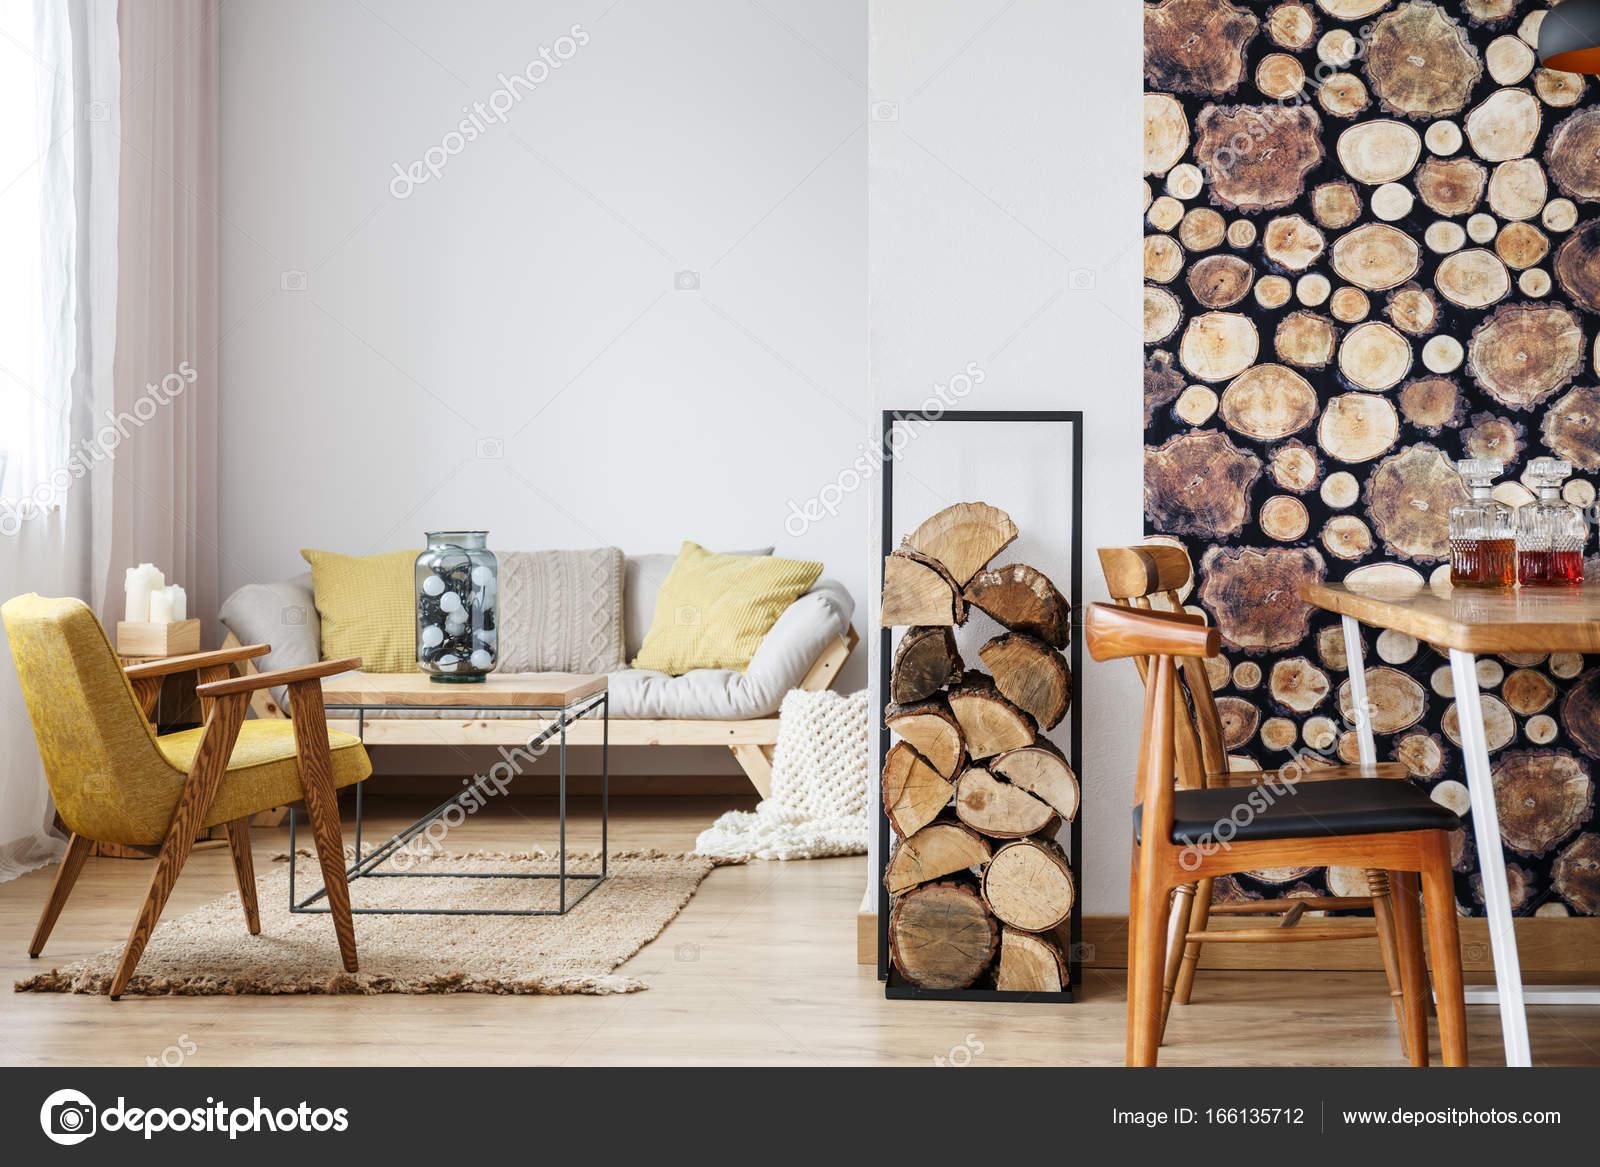 Sofa brandhout en eethoek u stockfoto photographee eu